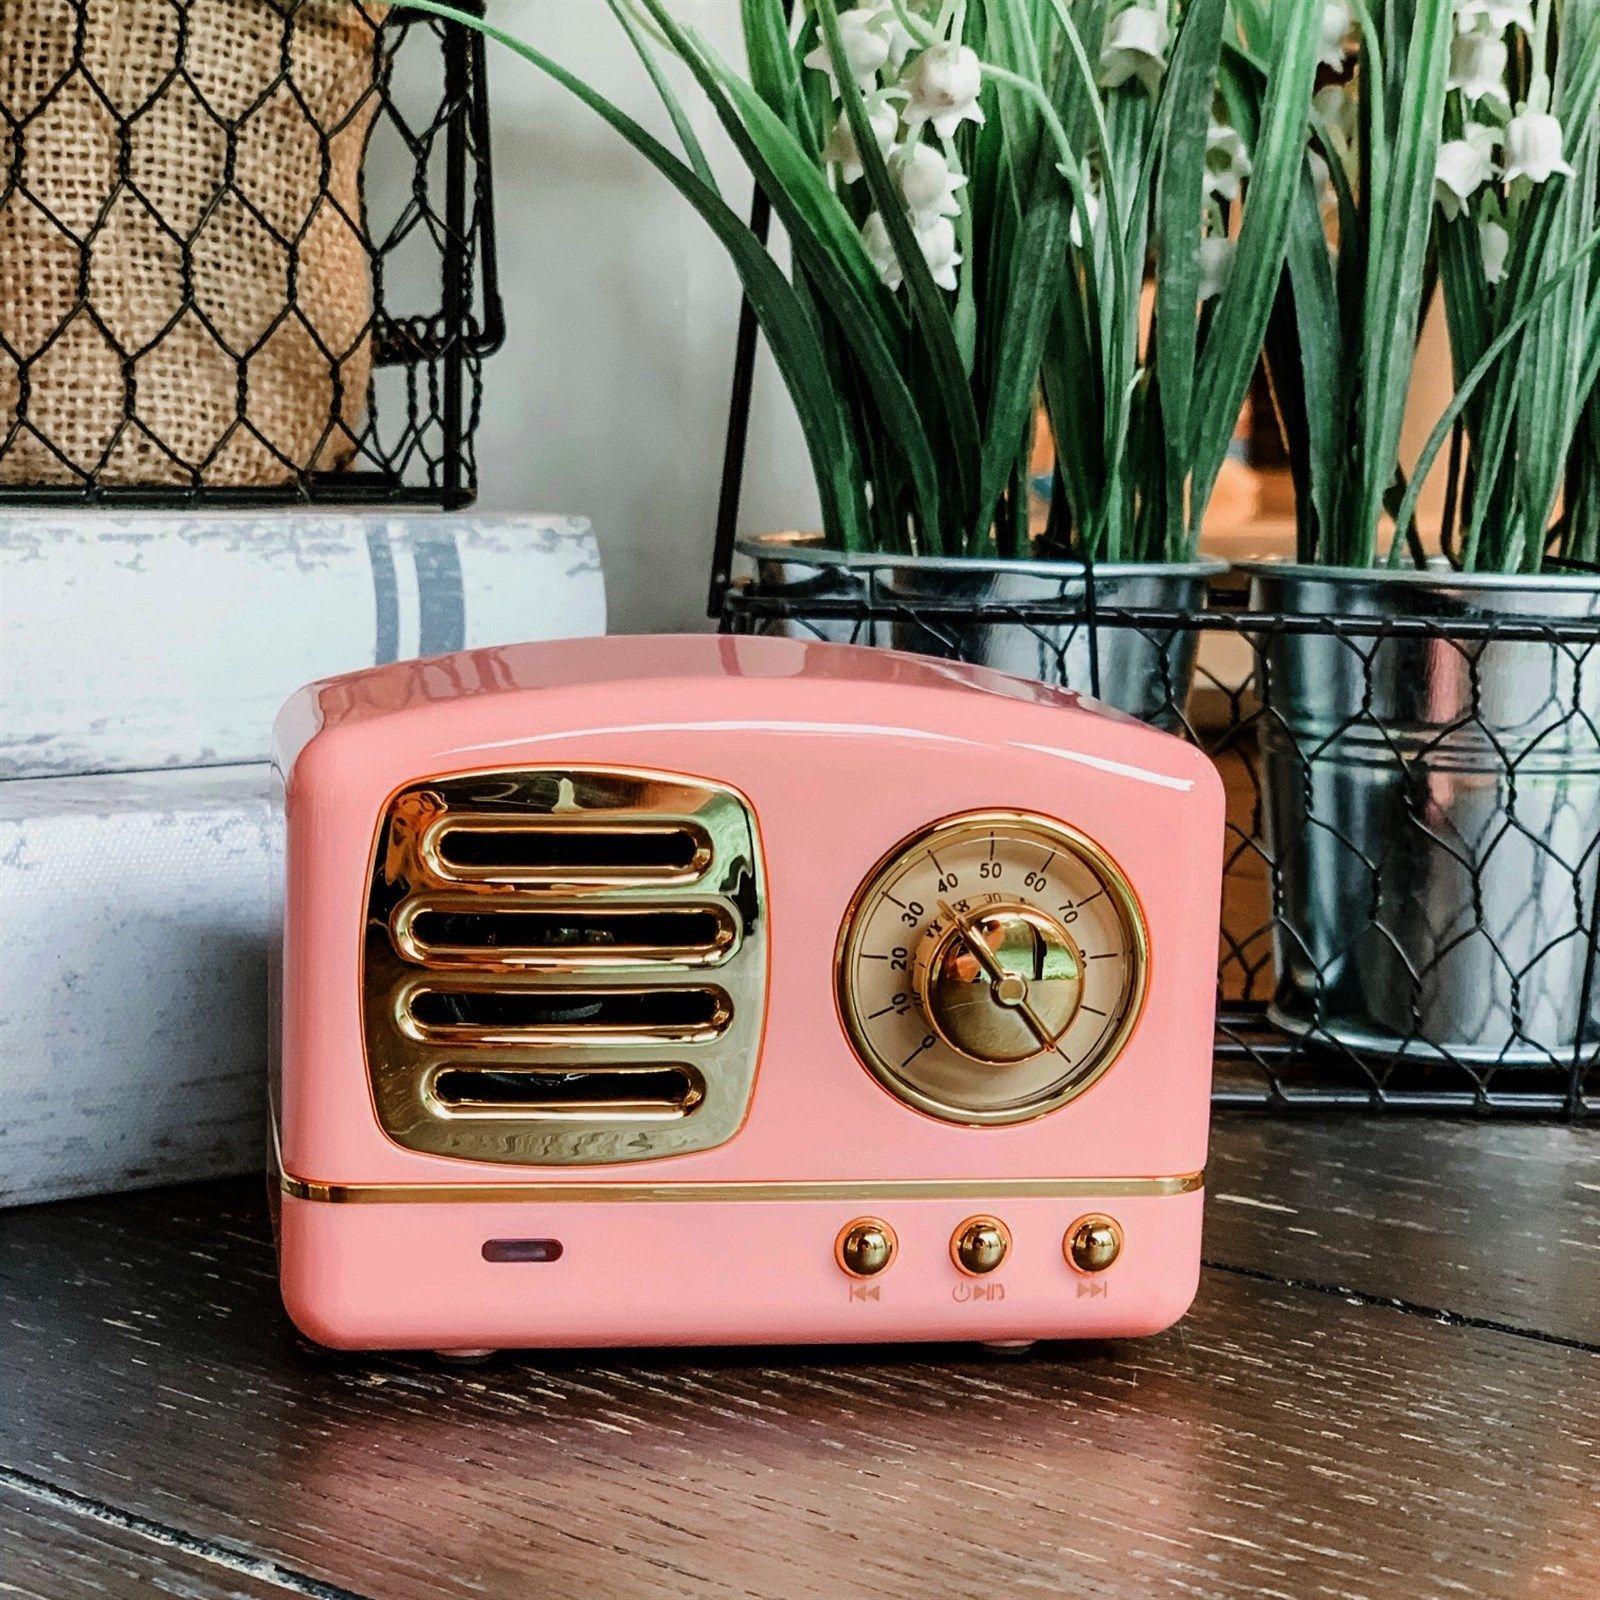 Vintage Radio Bluetooth Speaker Vintage Radio Bluetooth Speaker Apple Watch Silicone Band